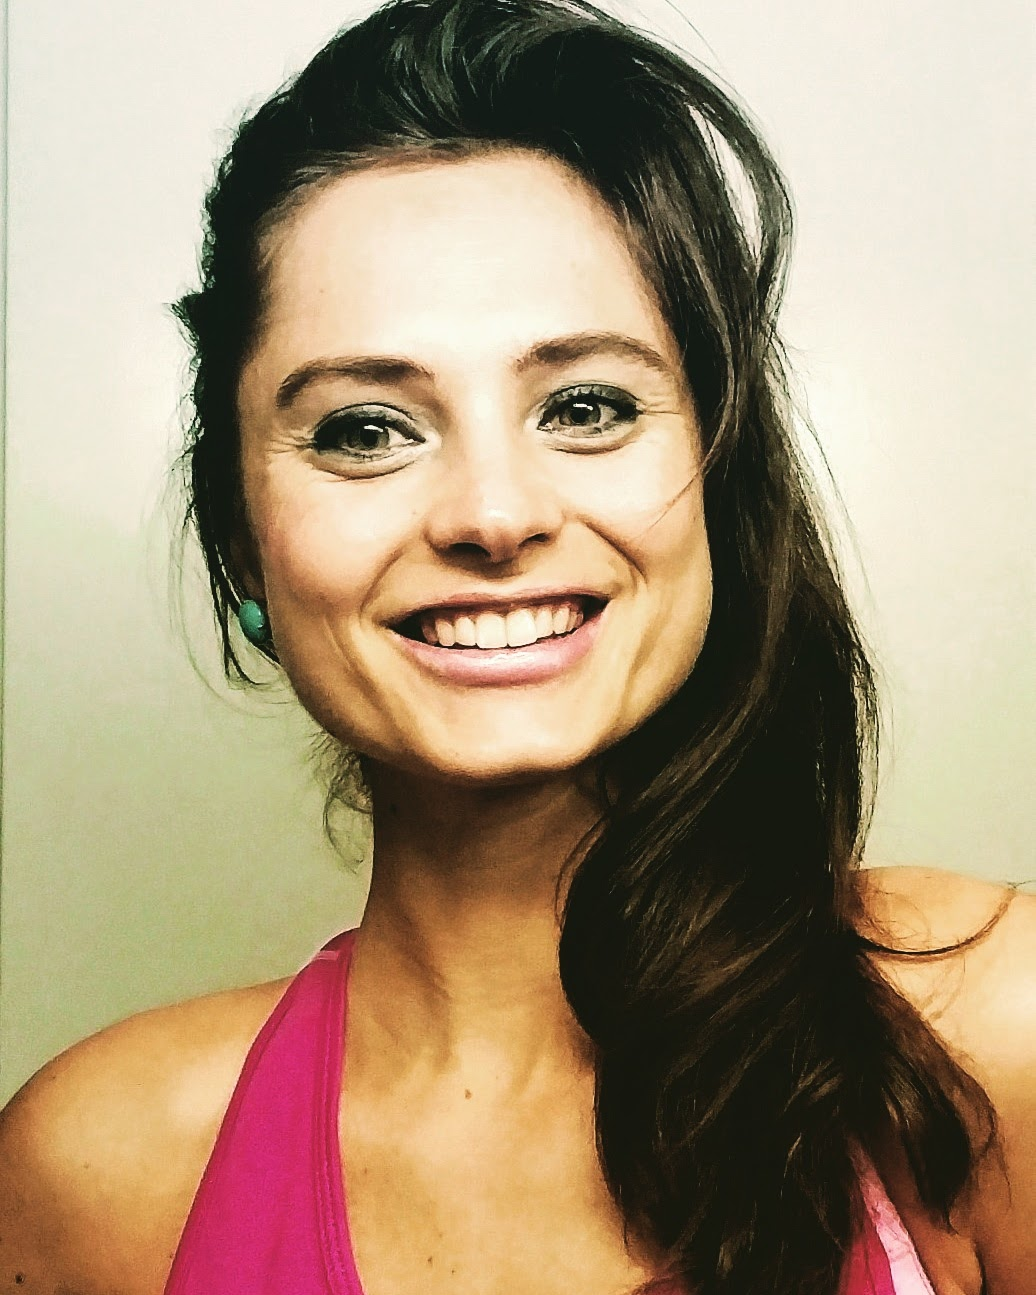 Marina aus M�rlenbach Haarfarbe: braun (mittel), Augenfarbe: braun-gr�n, Gr��e: 174, Deutsch: 0, Englisch: , Franz�sisch: , Spanisch: